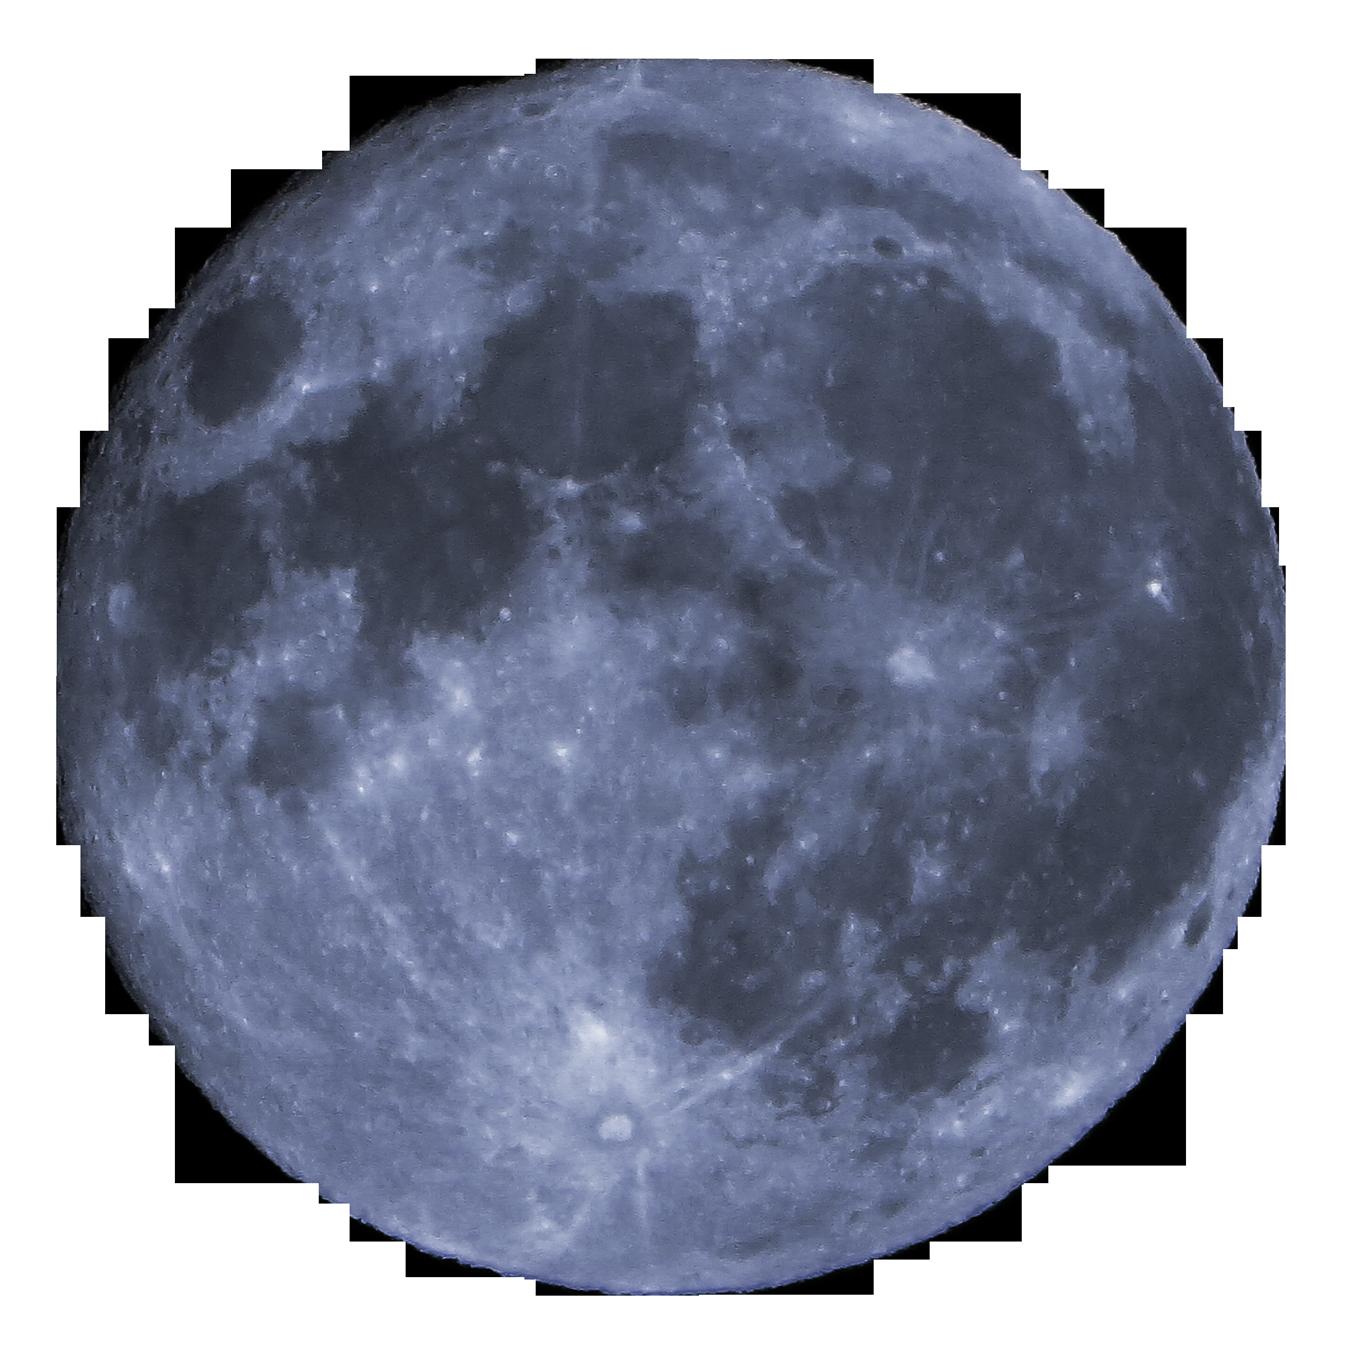 Supermoon Full moon.